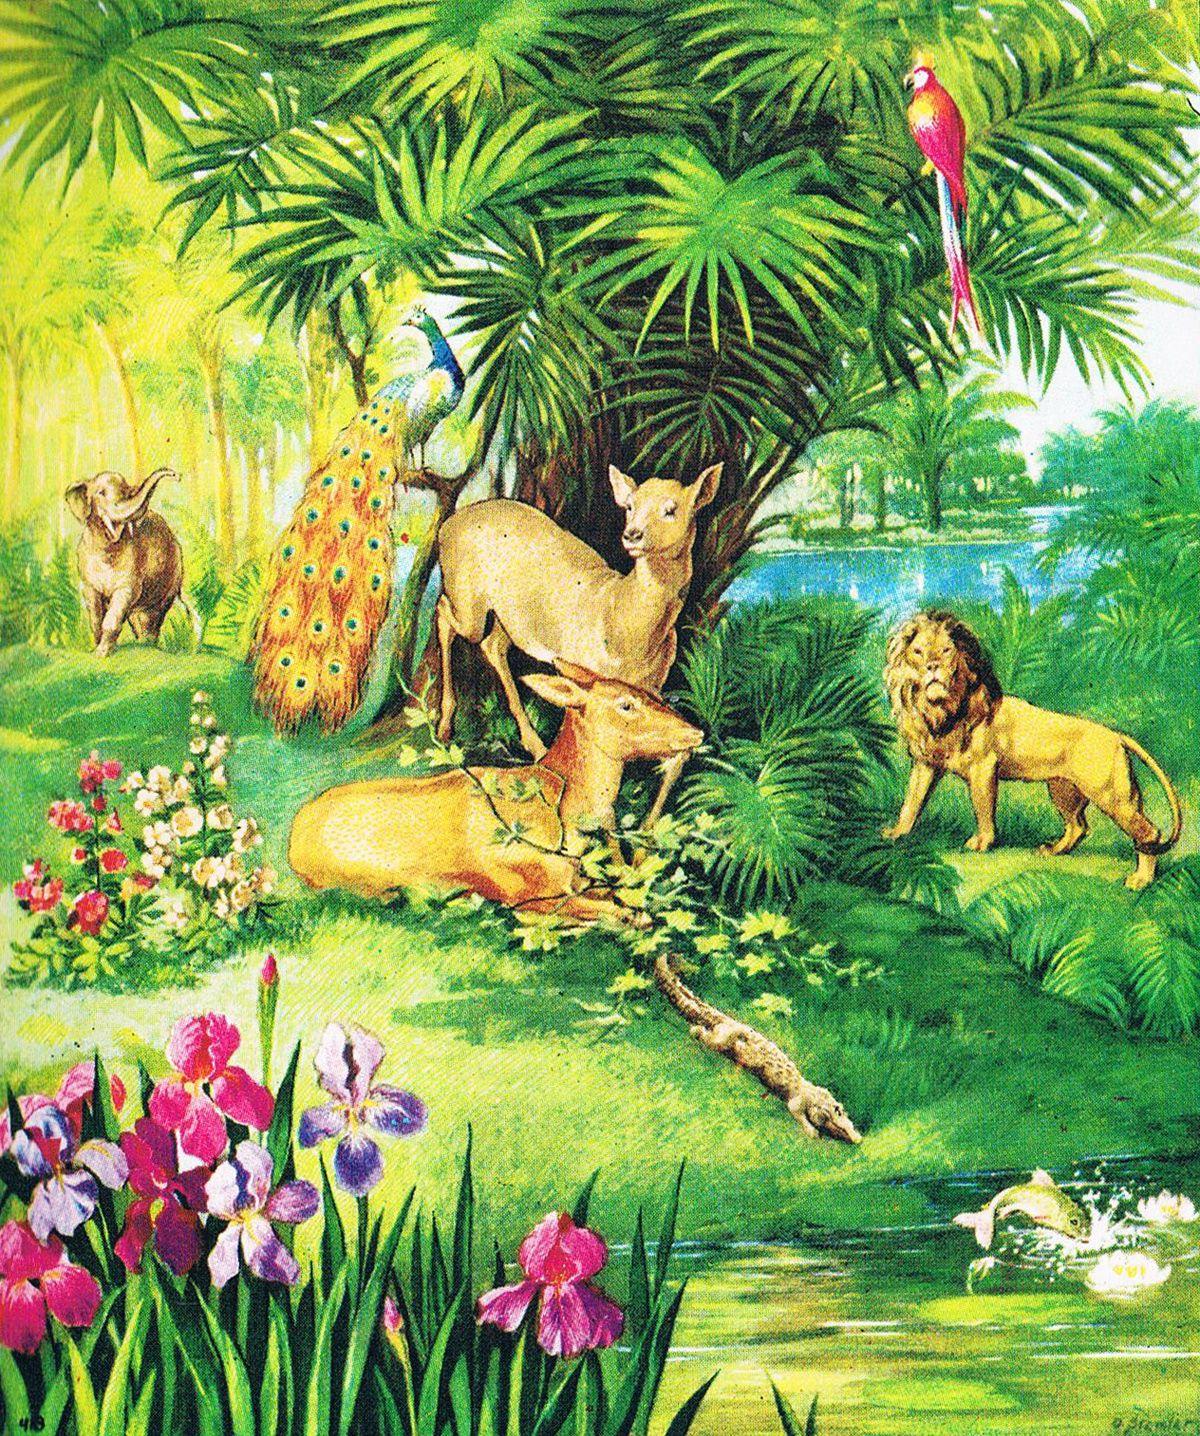 Das Paradies Im Garten Eden Zeltmacher Garten Eden Eden Paradies